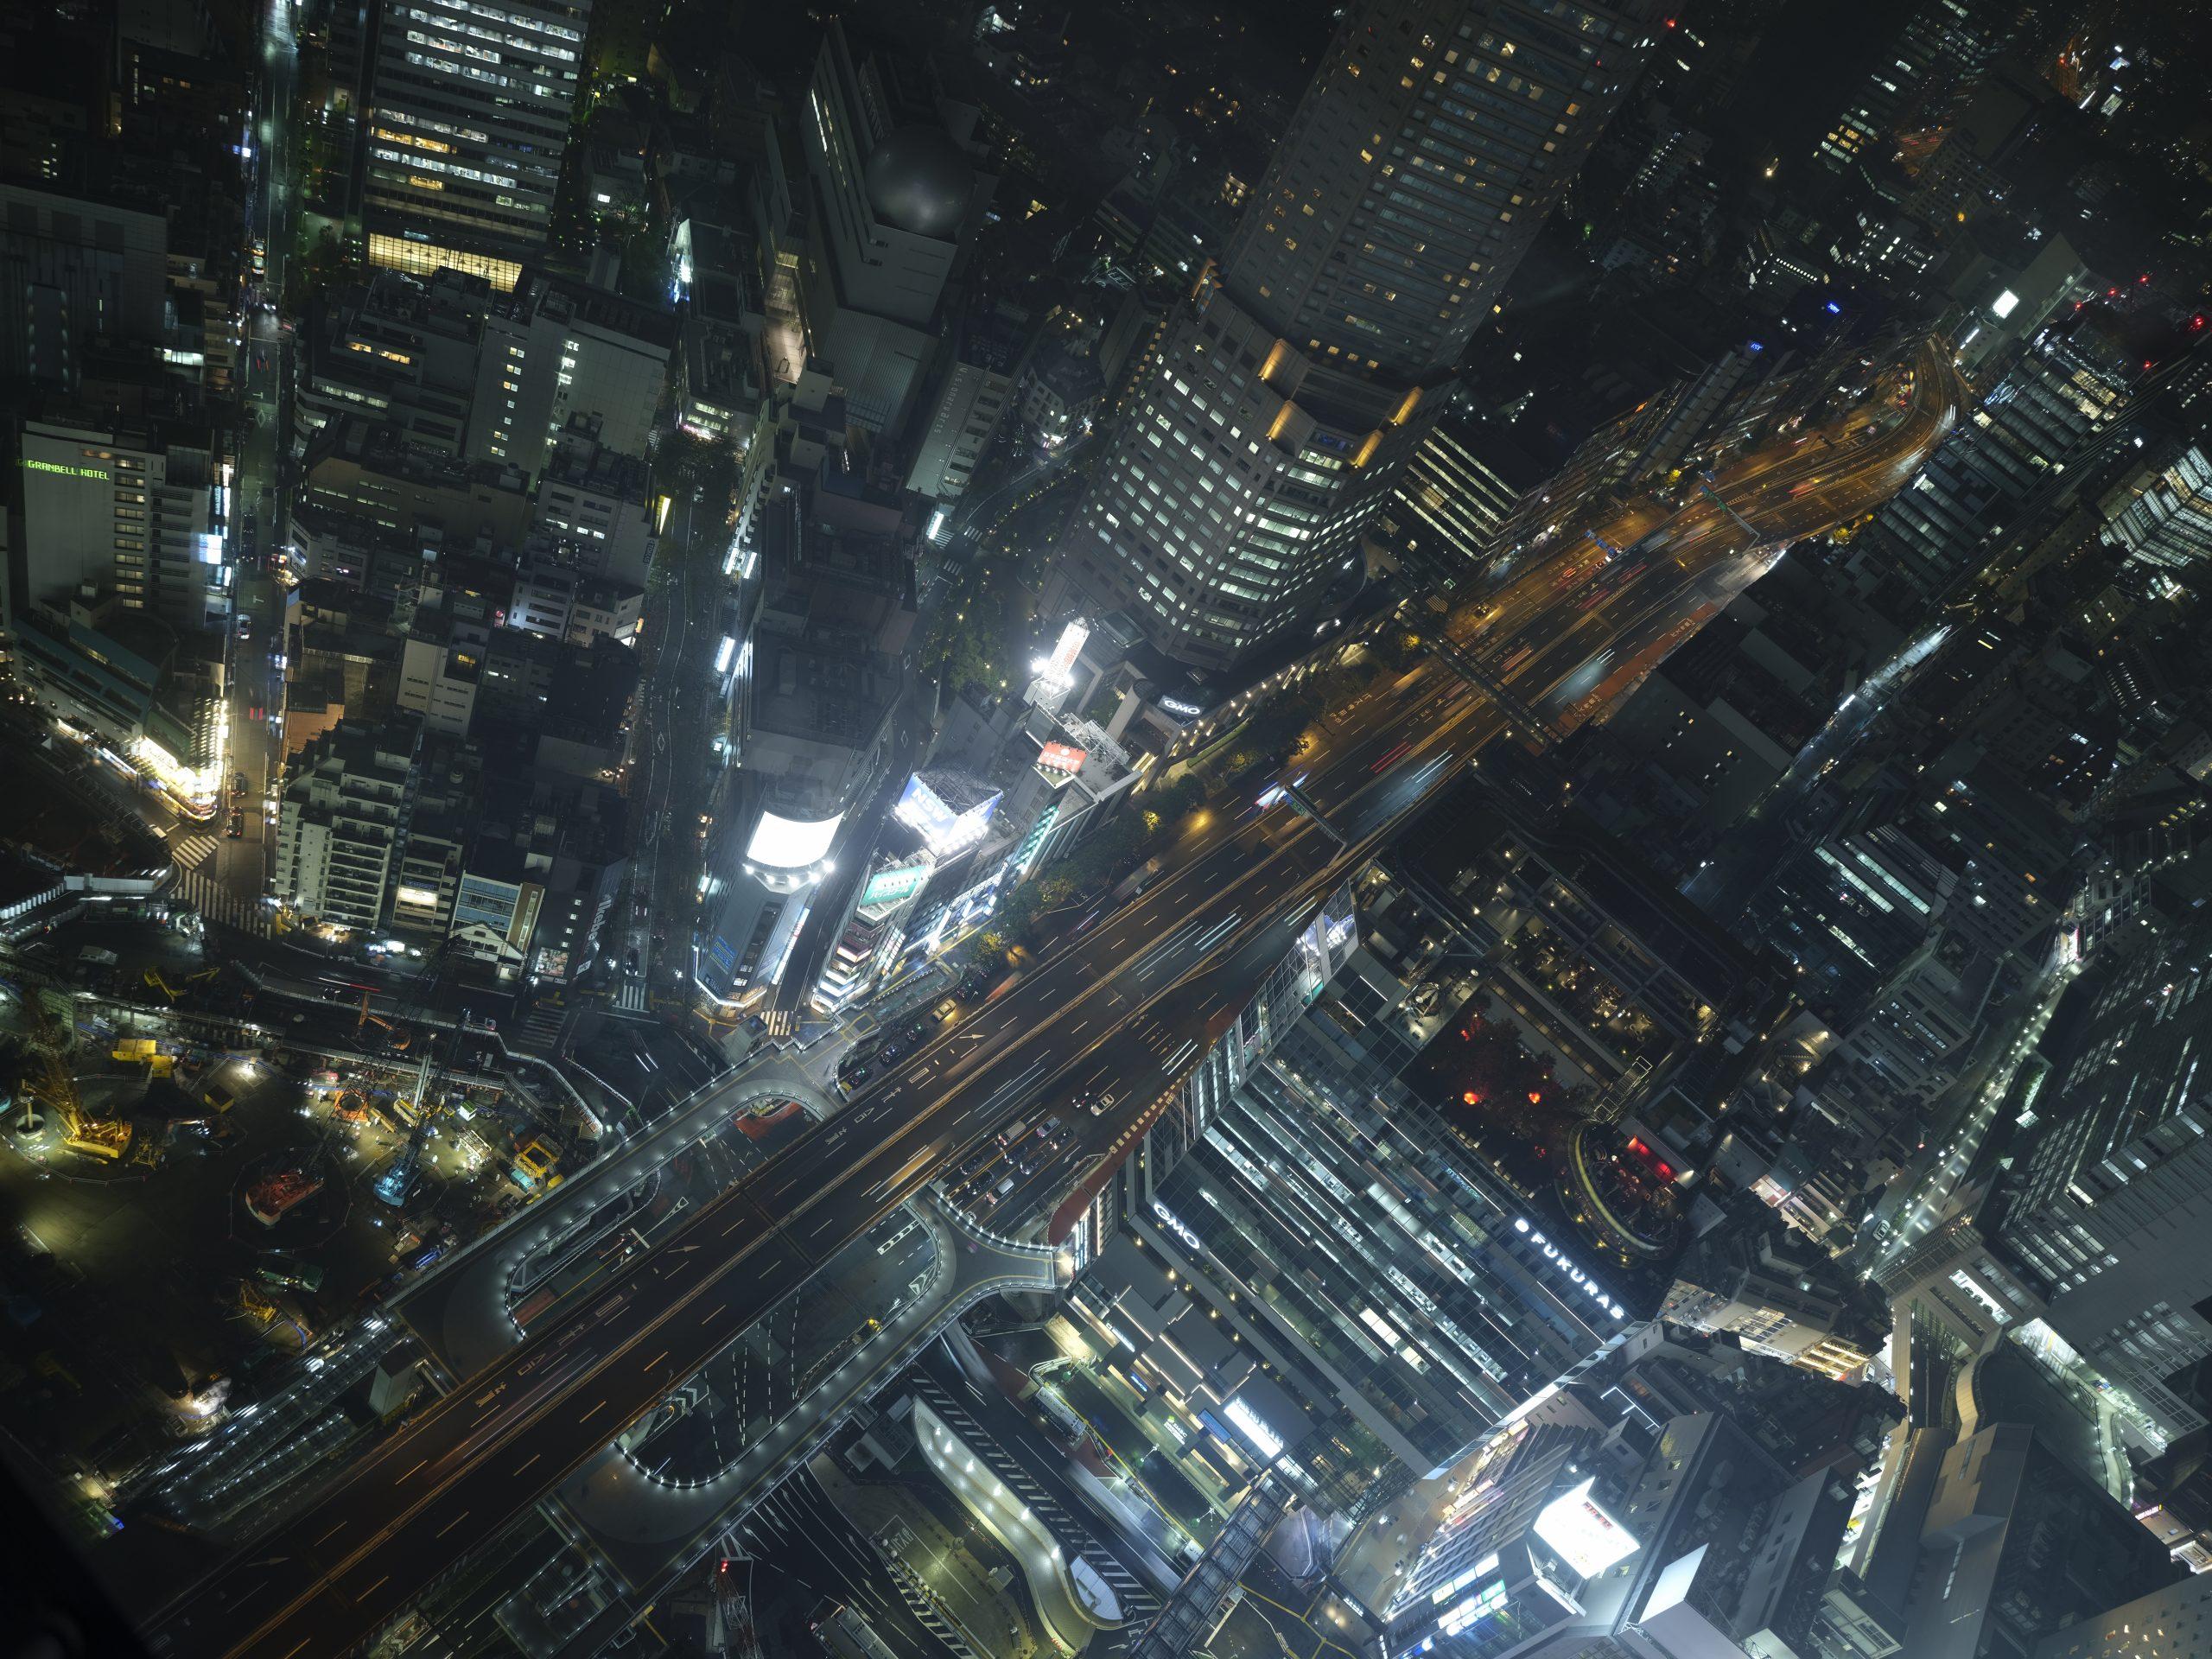 【FUJIFILM】Large format × Shibuya/at night